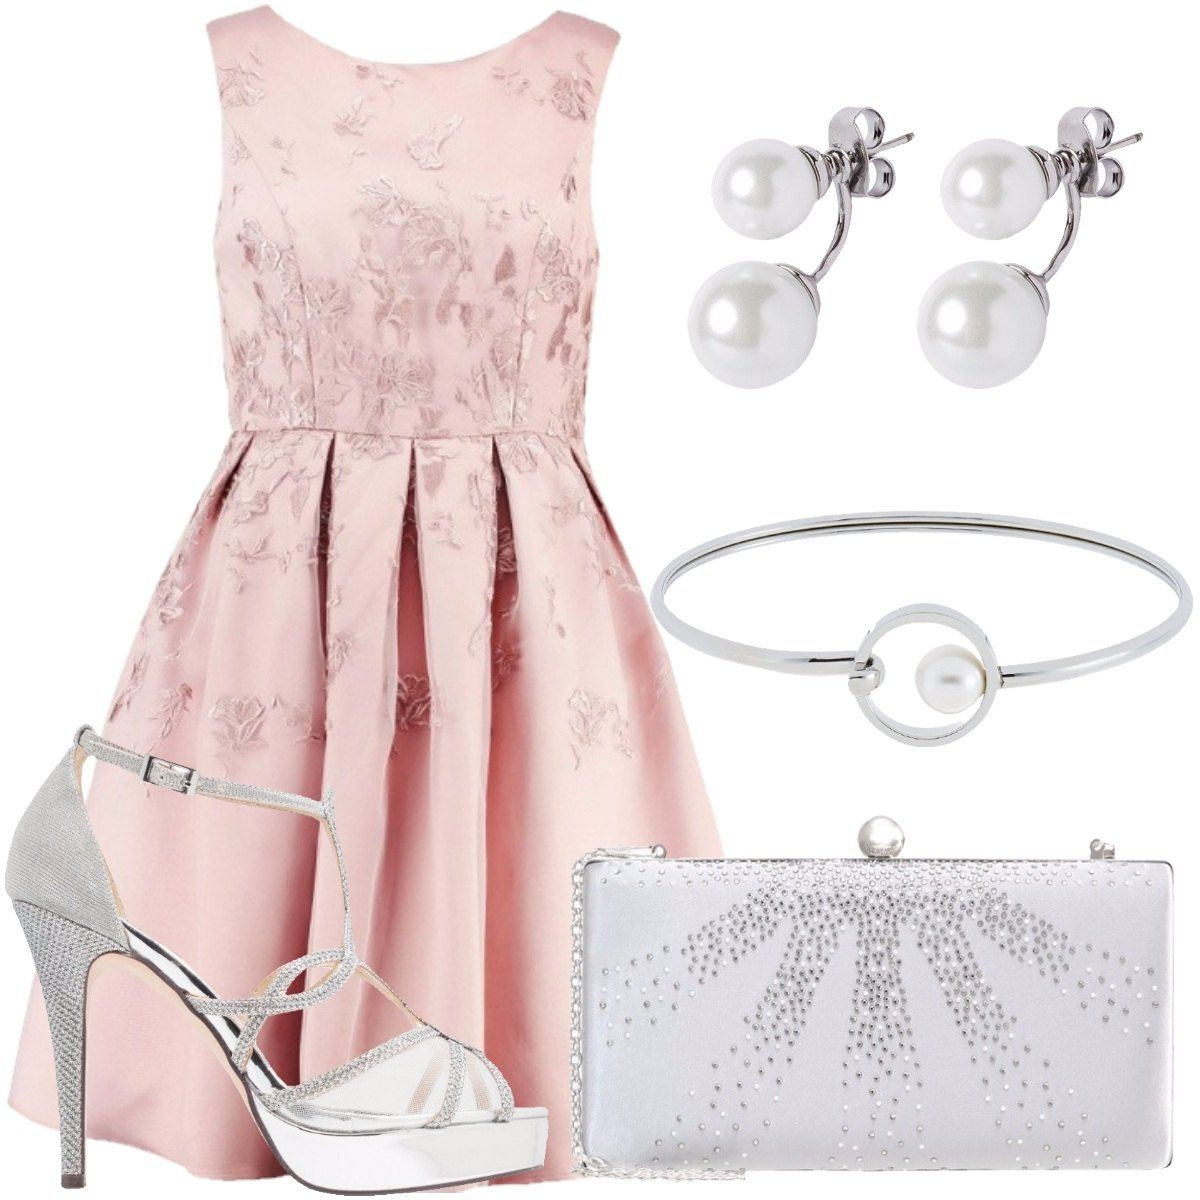 3186a61a8f Abito rosa con ricami floreali e tulle, lunghezza al ginocchio, senza  maniche, sandali